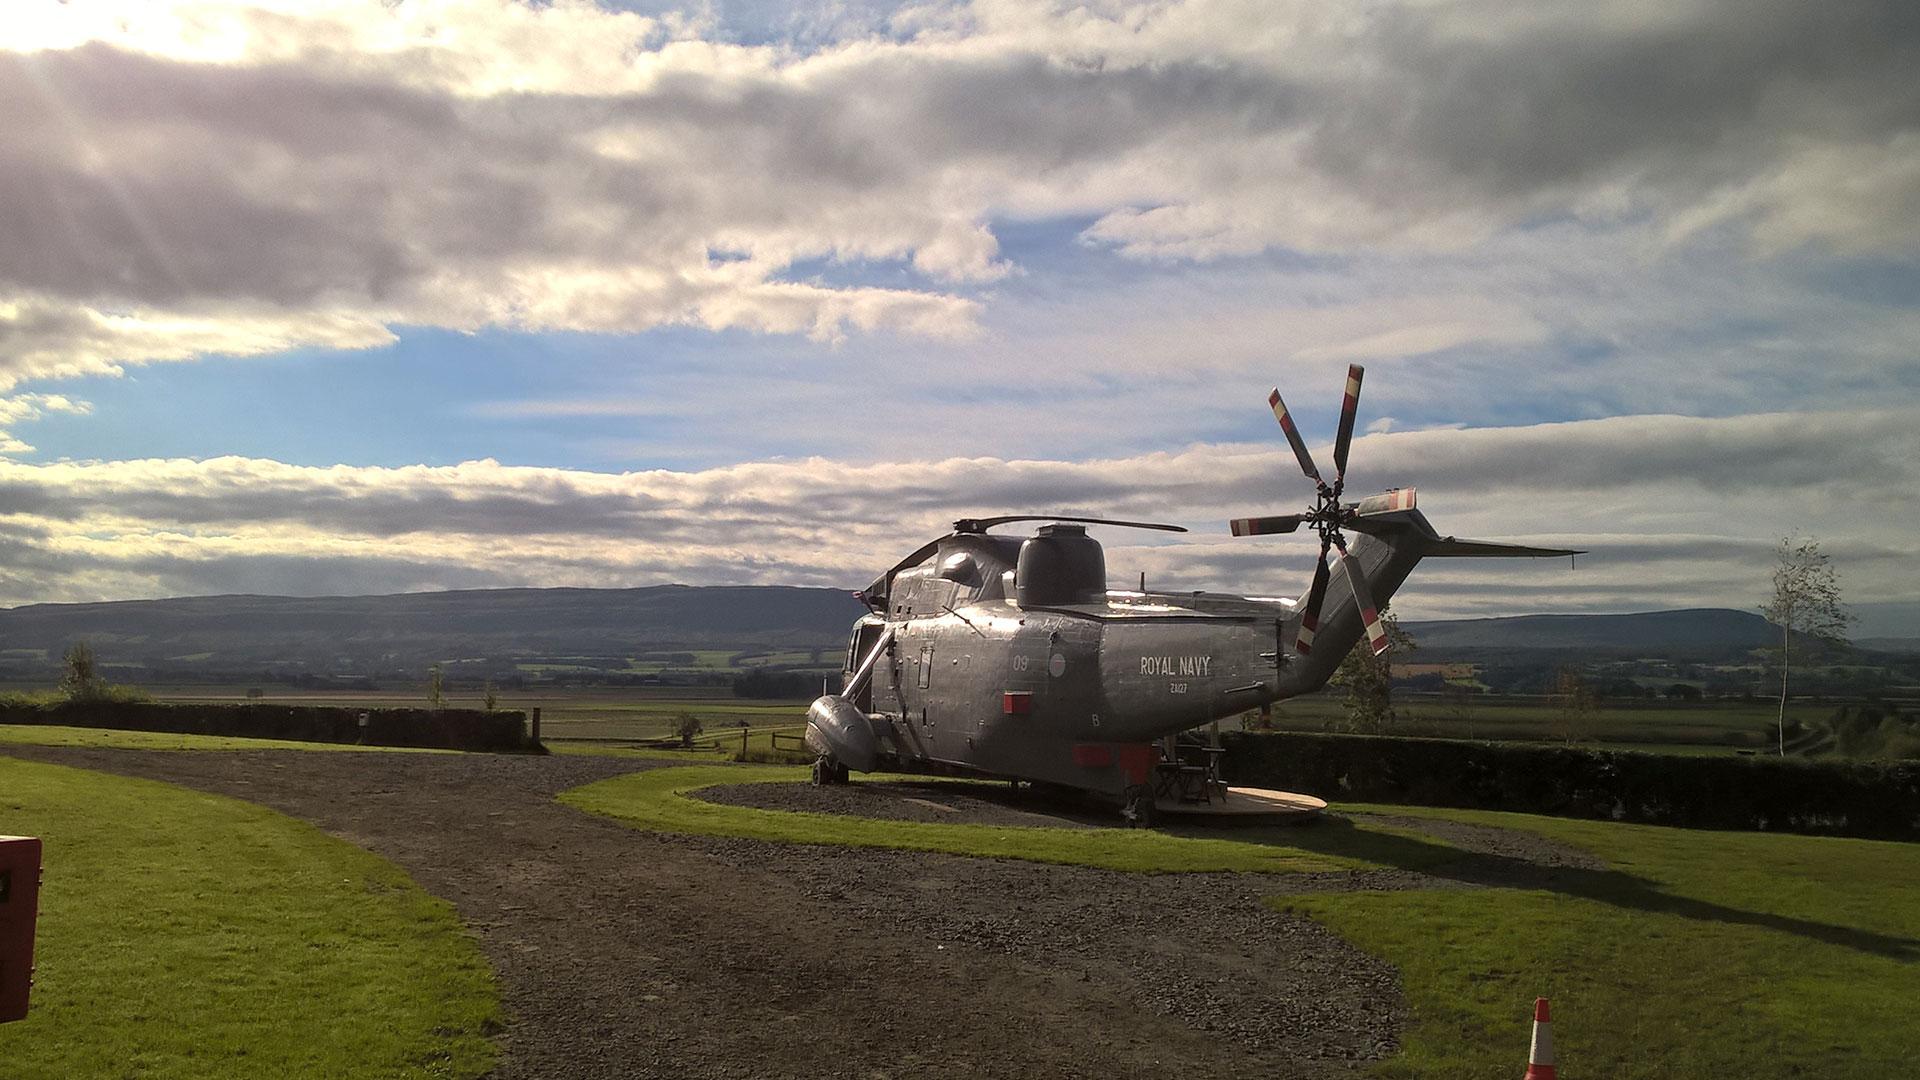 vacaciones en un helicóptero Lexus hero asset